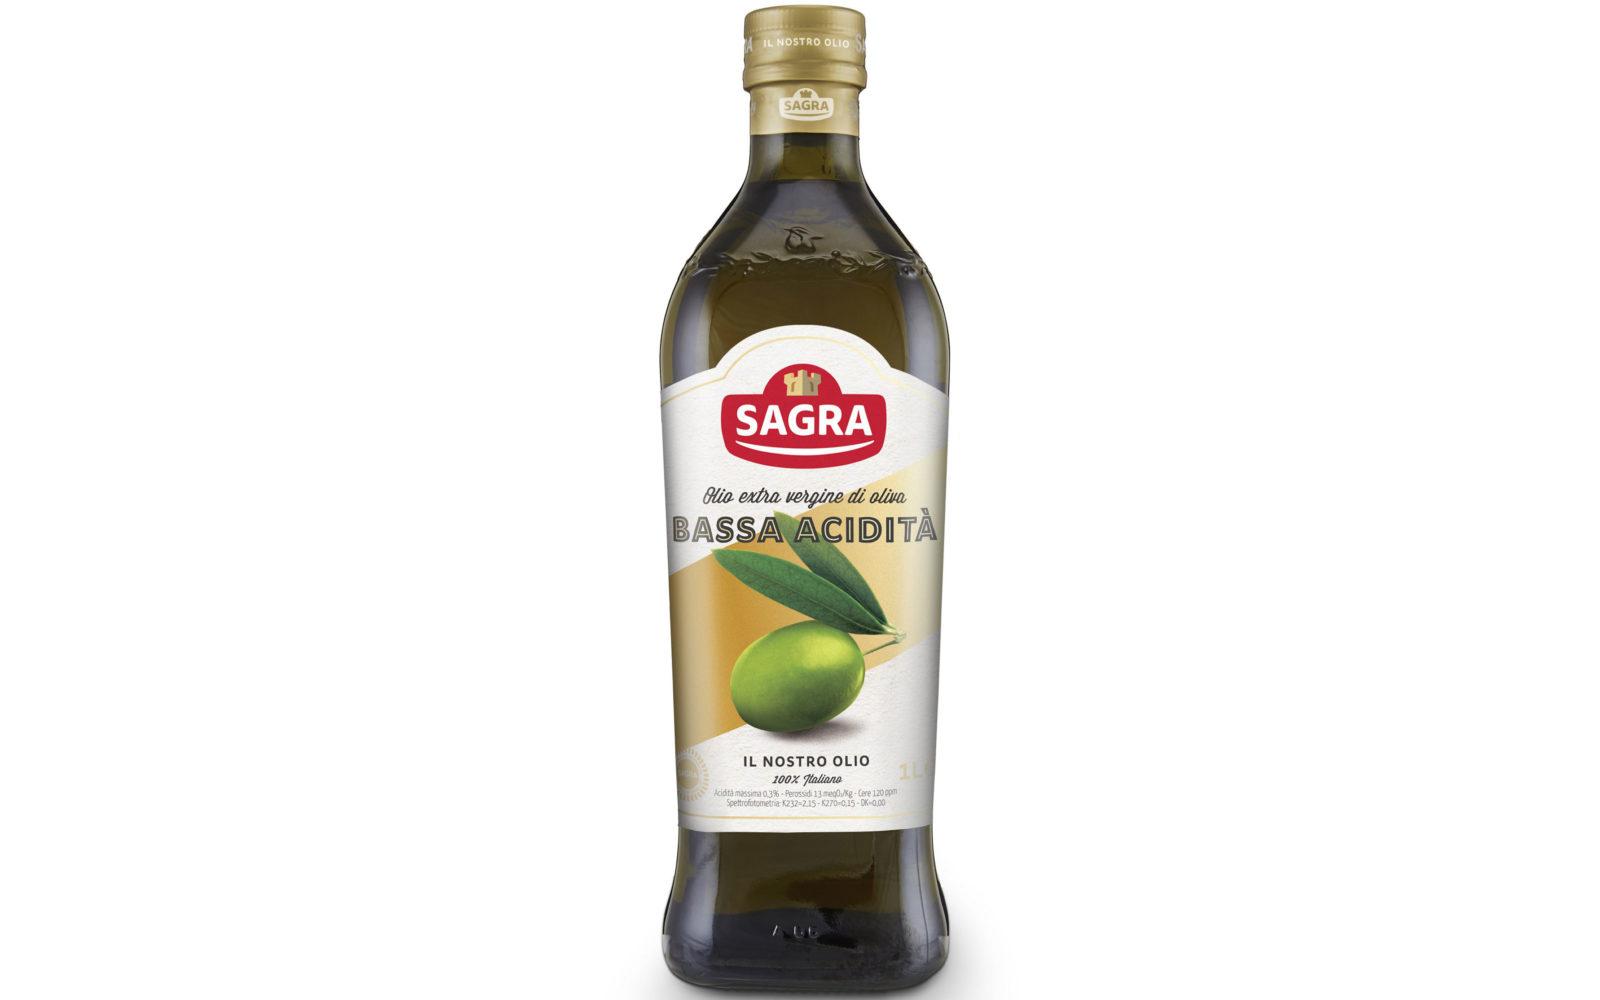 Olio extra vergine di oliva Bassa acidità Sagra